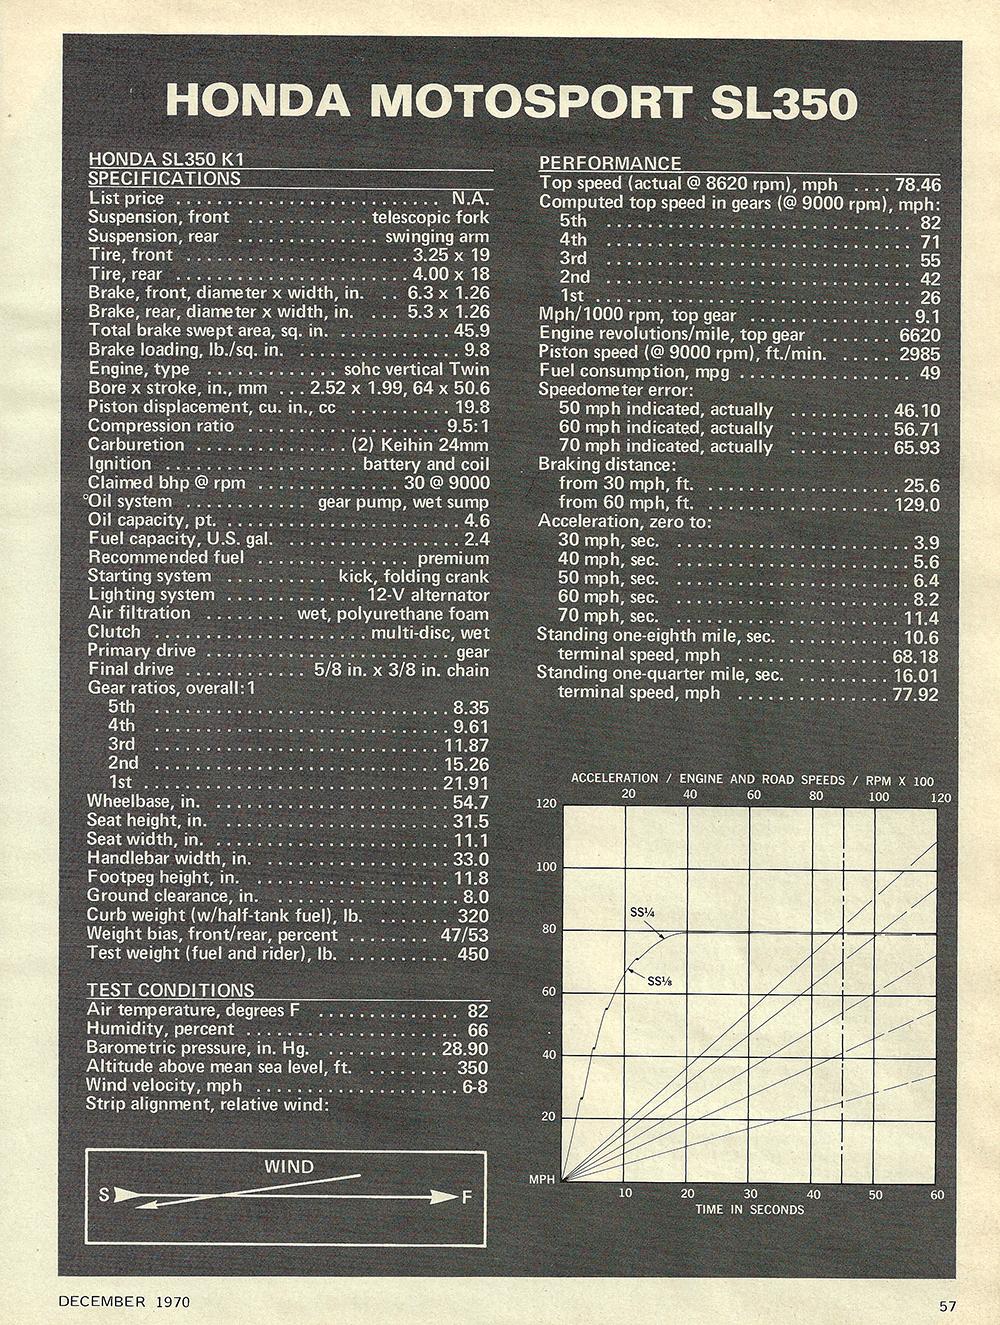 1970 Honda Motosport SL350 road test 04.jpg